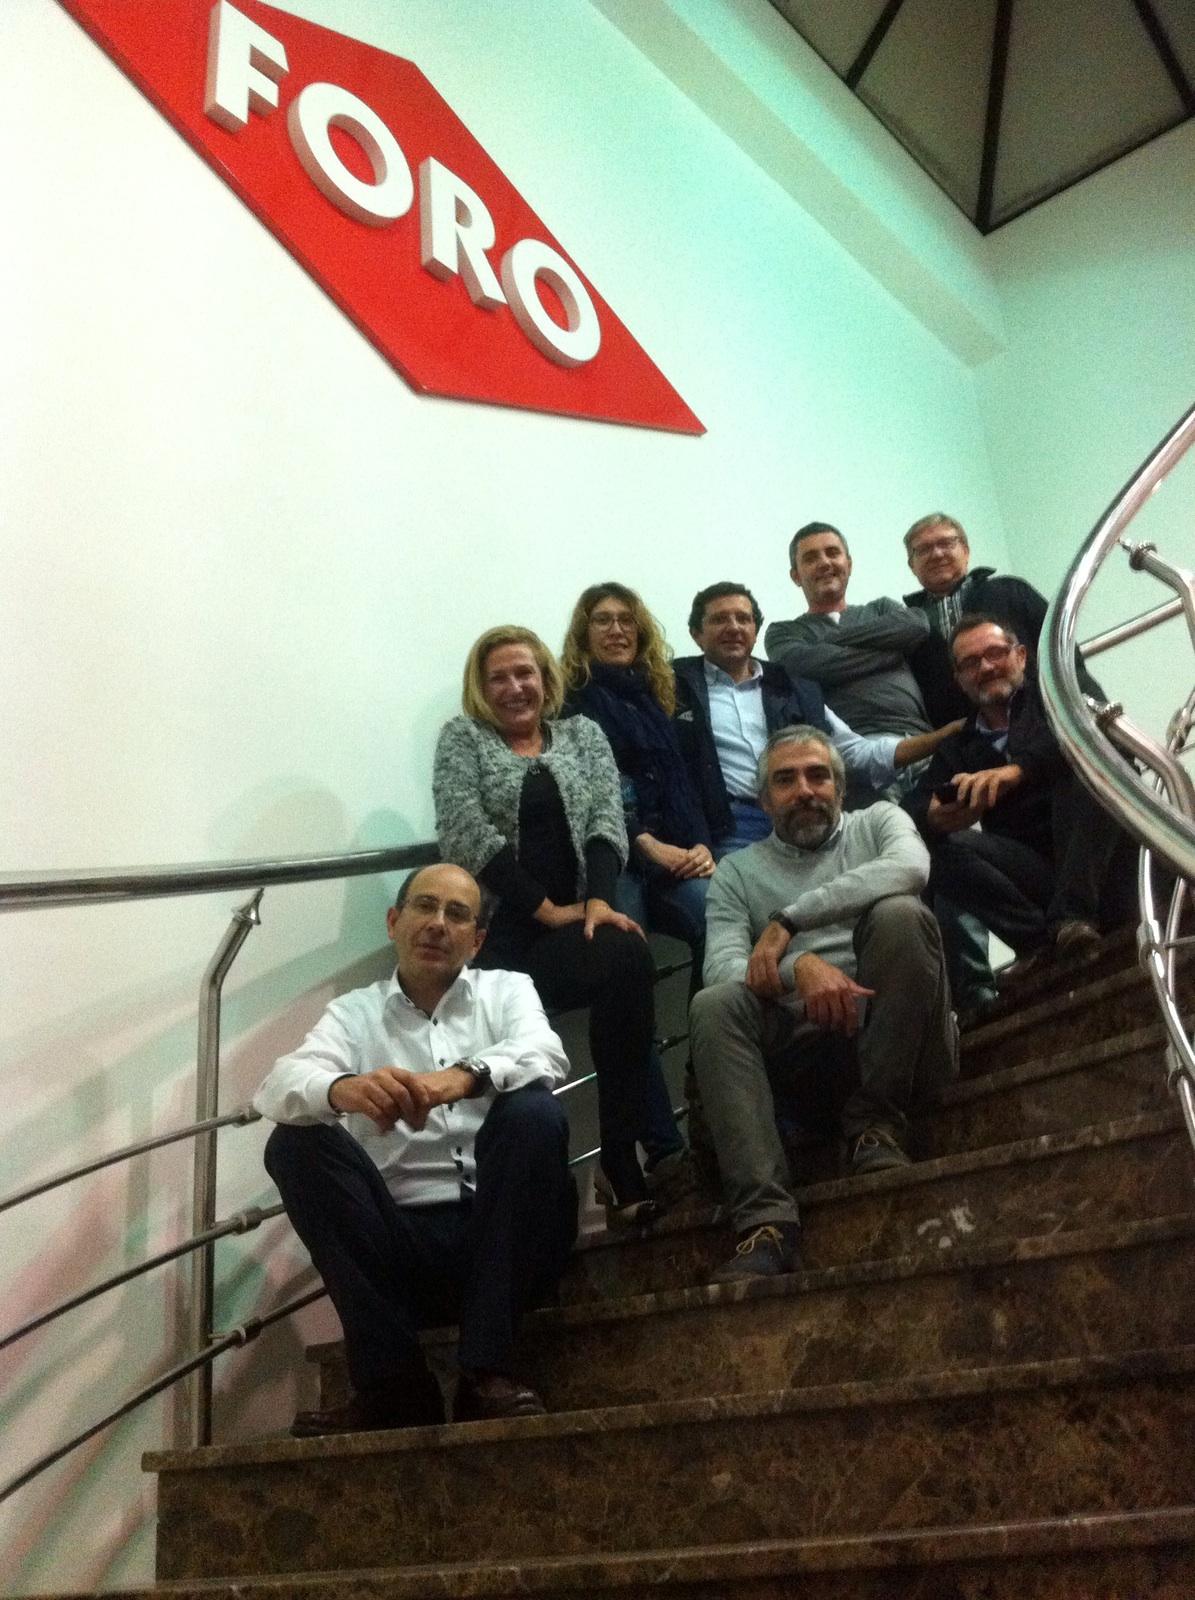 Negociar con éxito centra las sesiones formativas en Foro